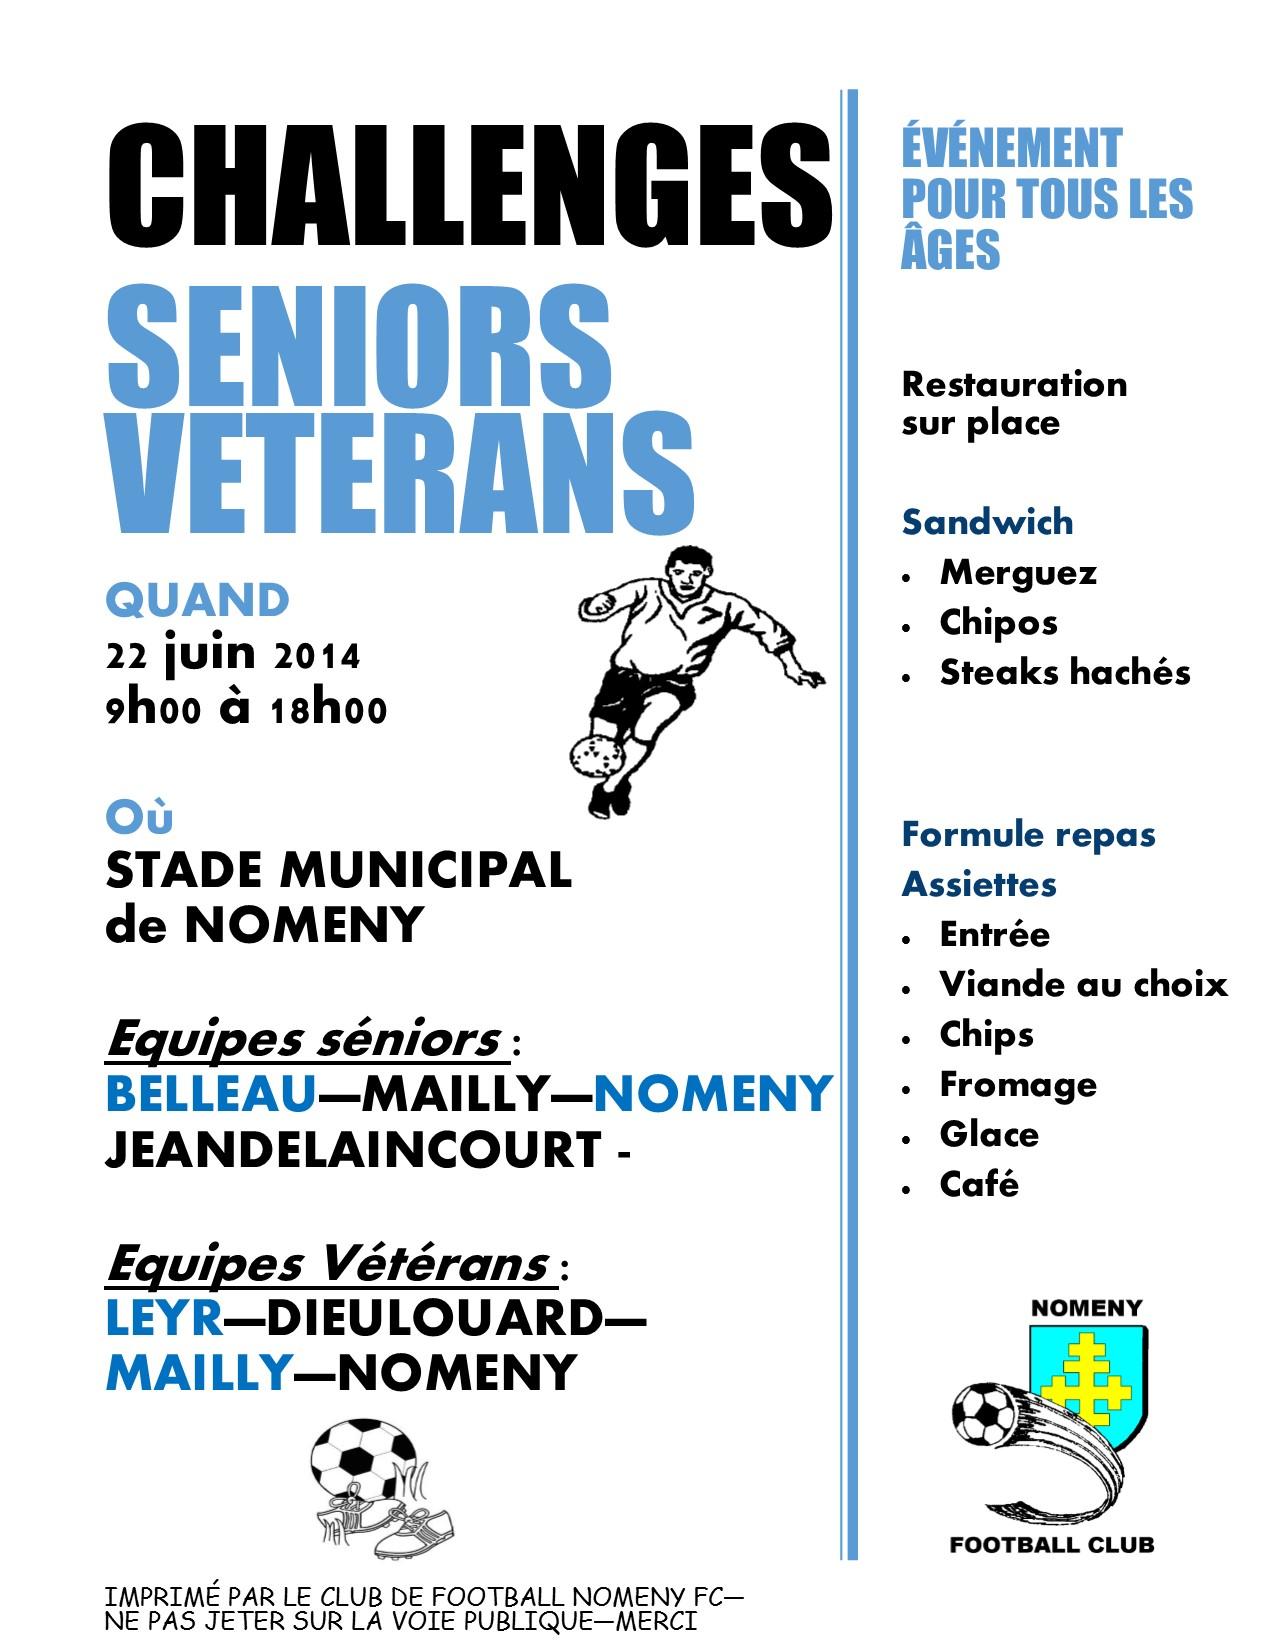 CHALLENGE seniors - veterans